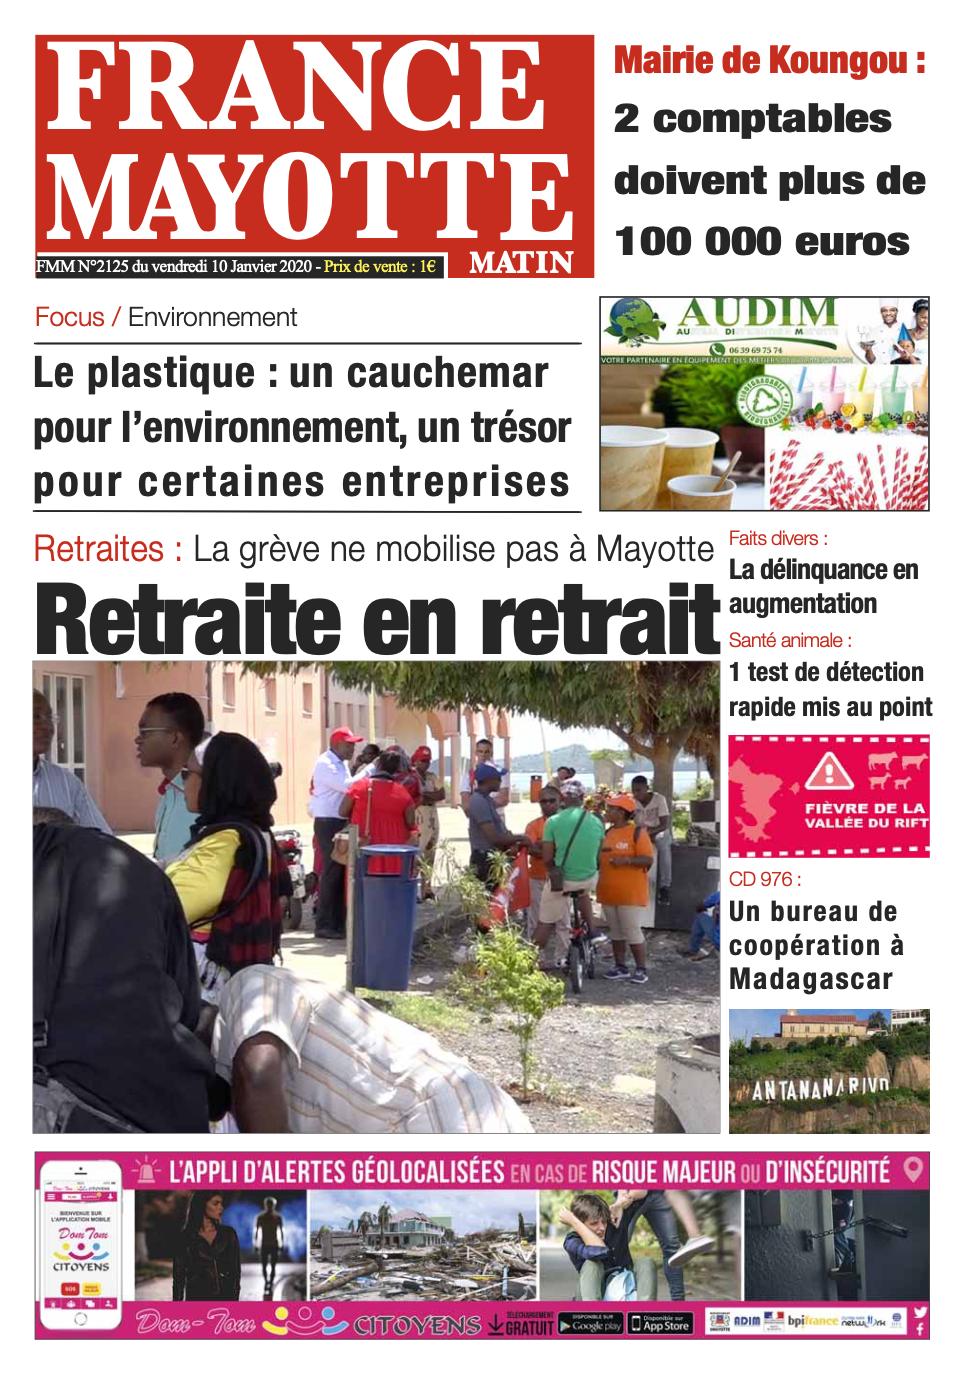 France Mayotte Vendredi 10 janvier 2020